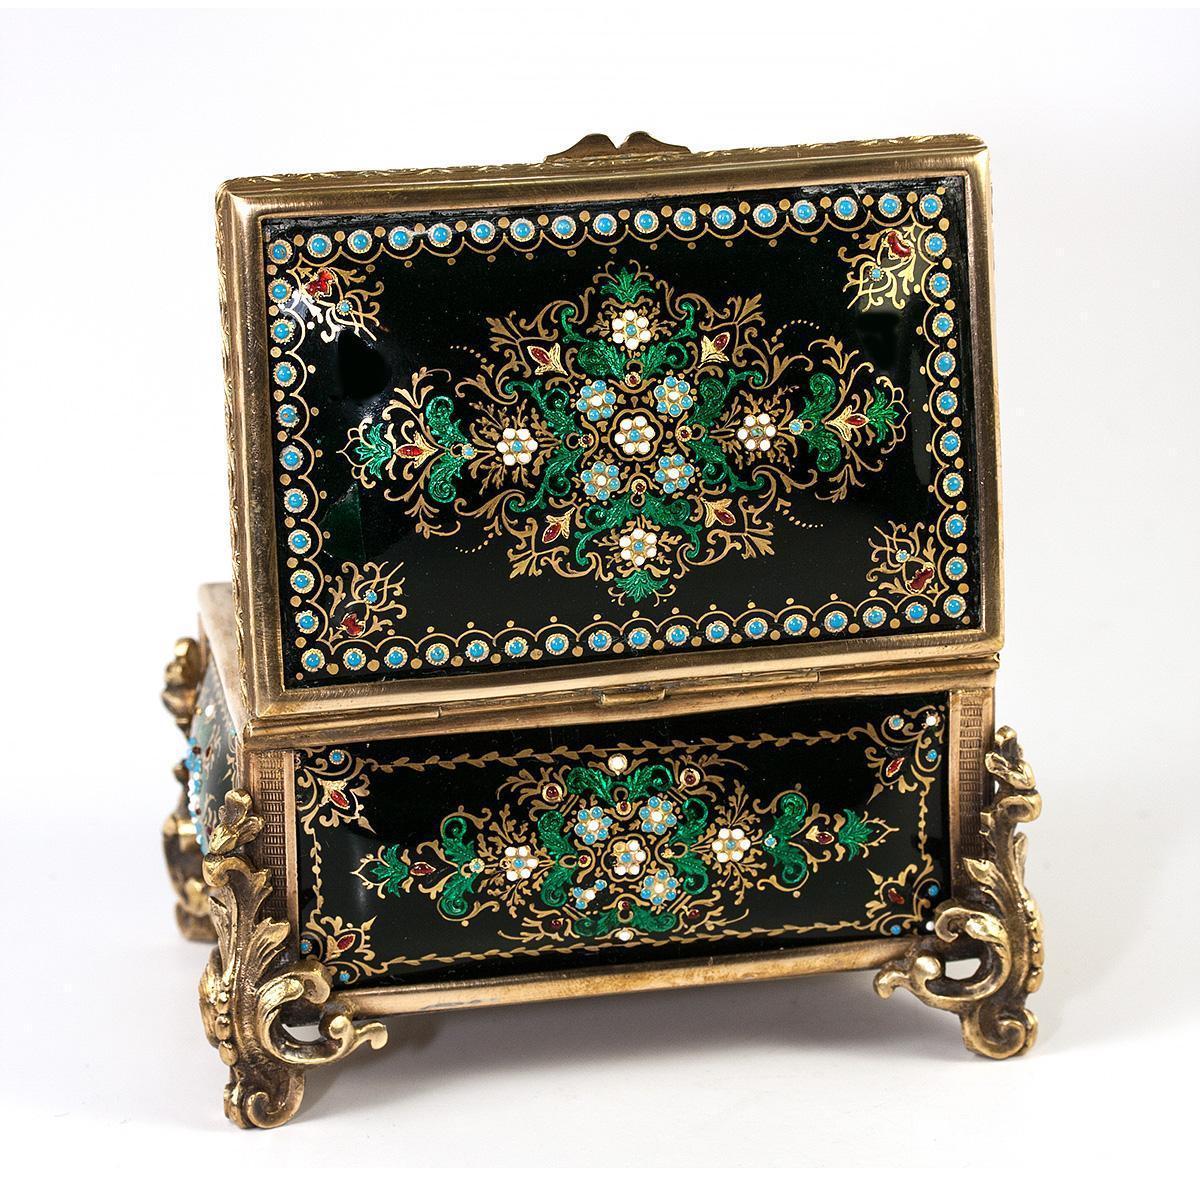 """Antique French Kiln-Fired Enamel Jewelry Casket, Box, Raised Enamel """"Jewels"""""""